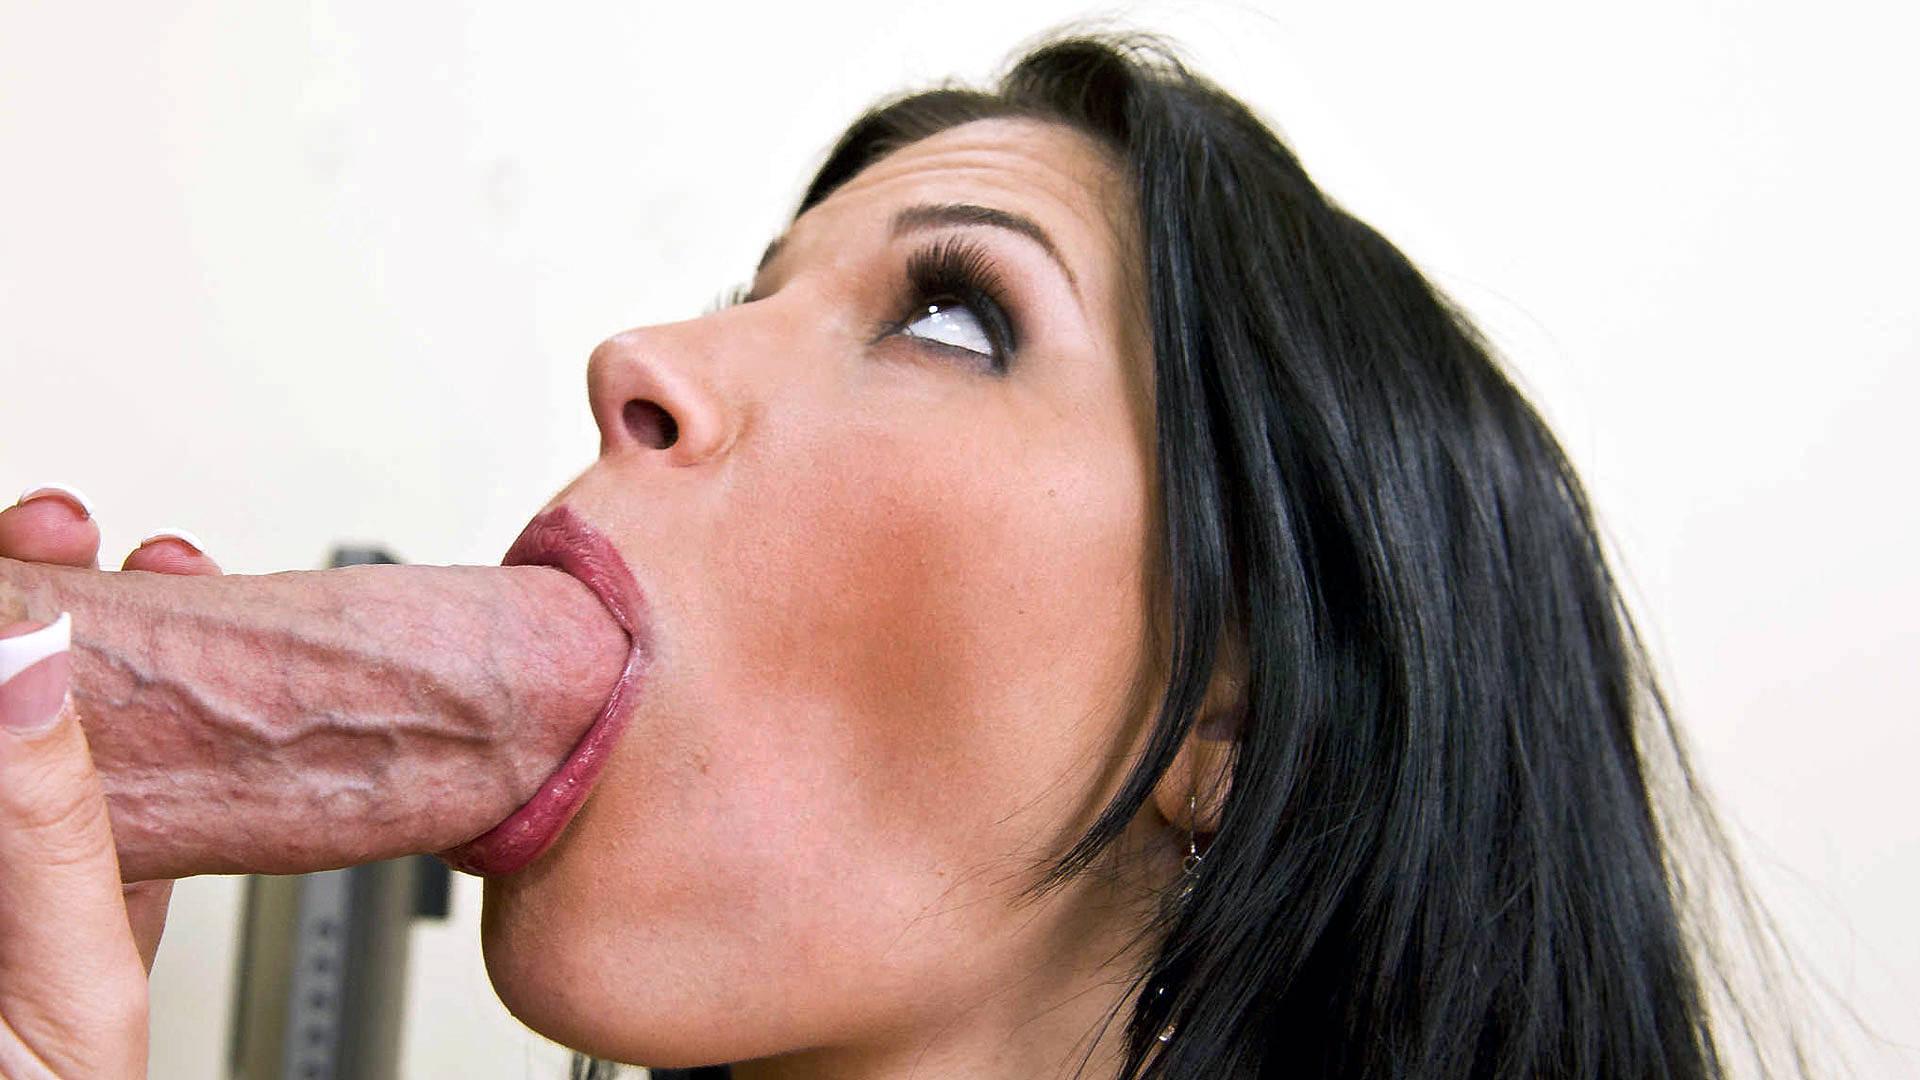 Сосет хуй супер, Минет красивых девушек и женщин в домашних порно 4 фотография